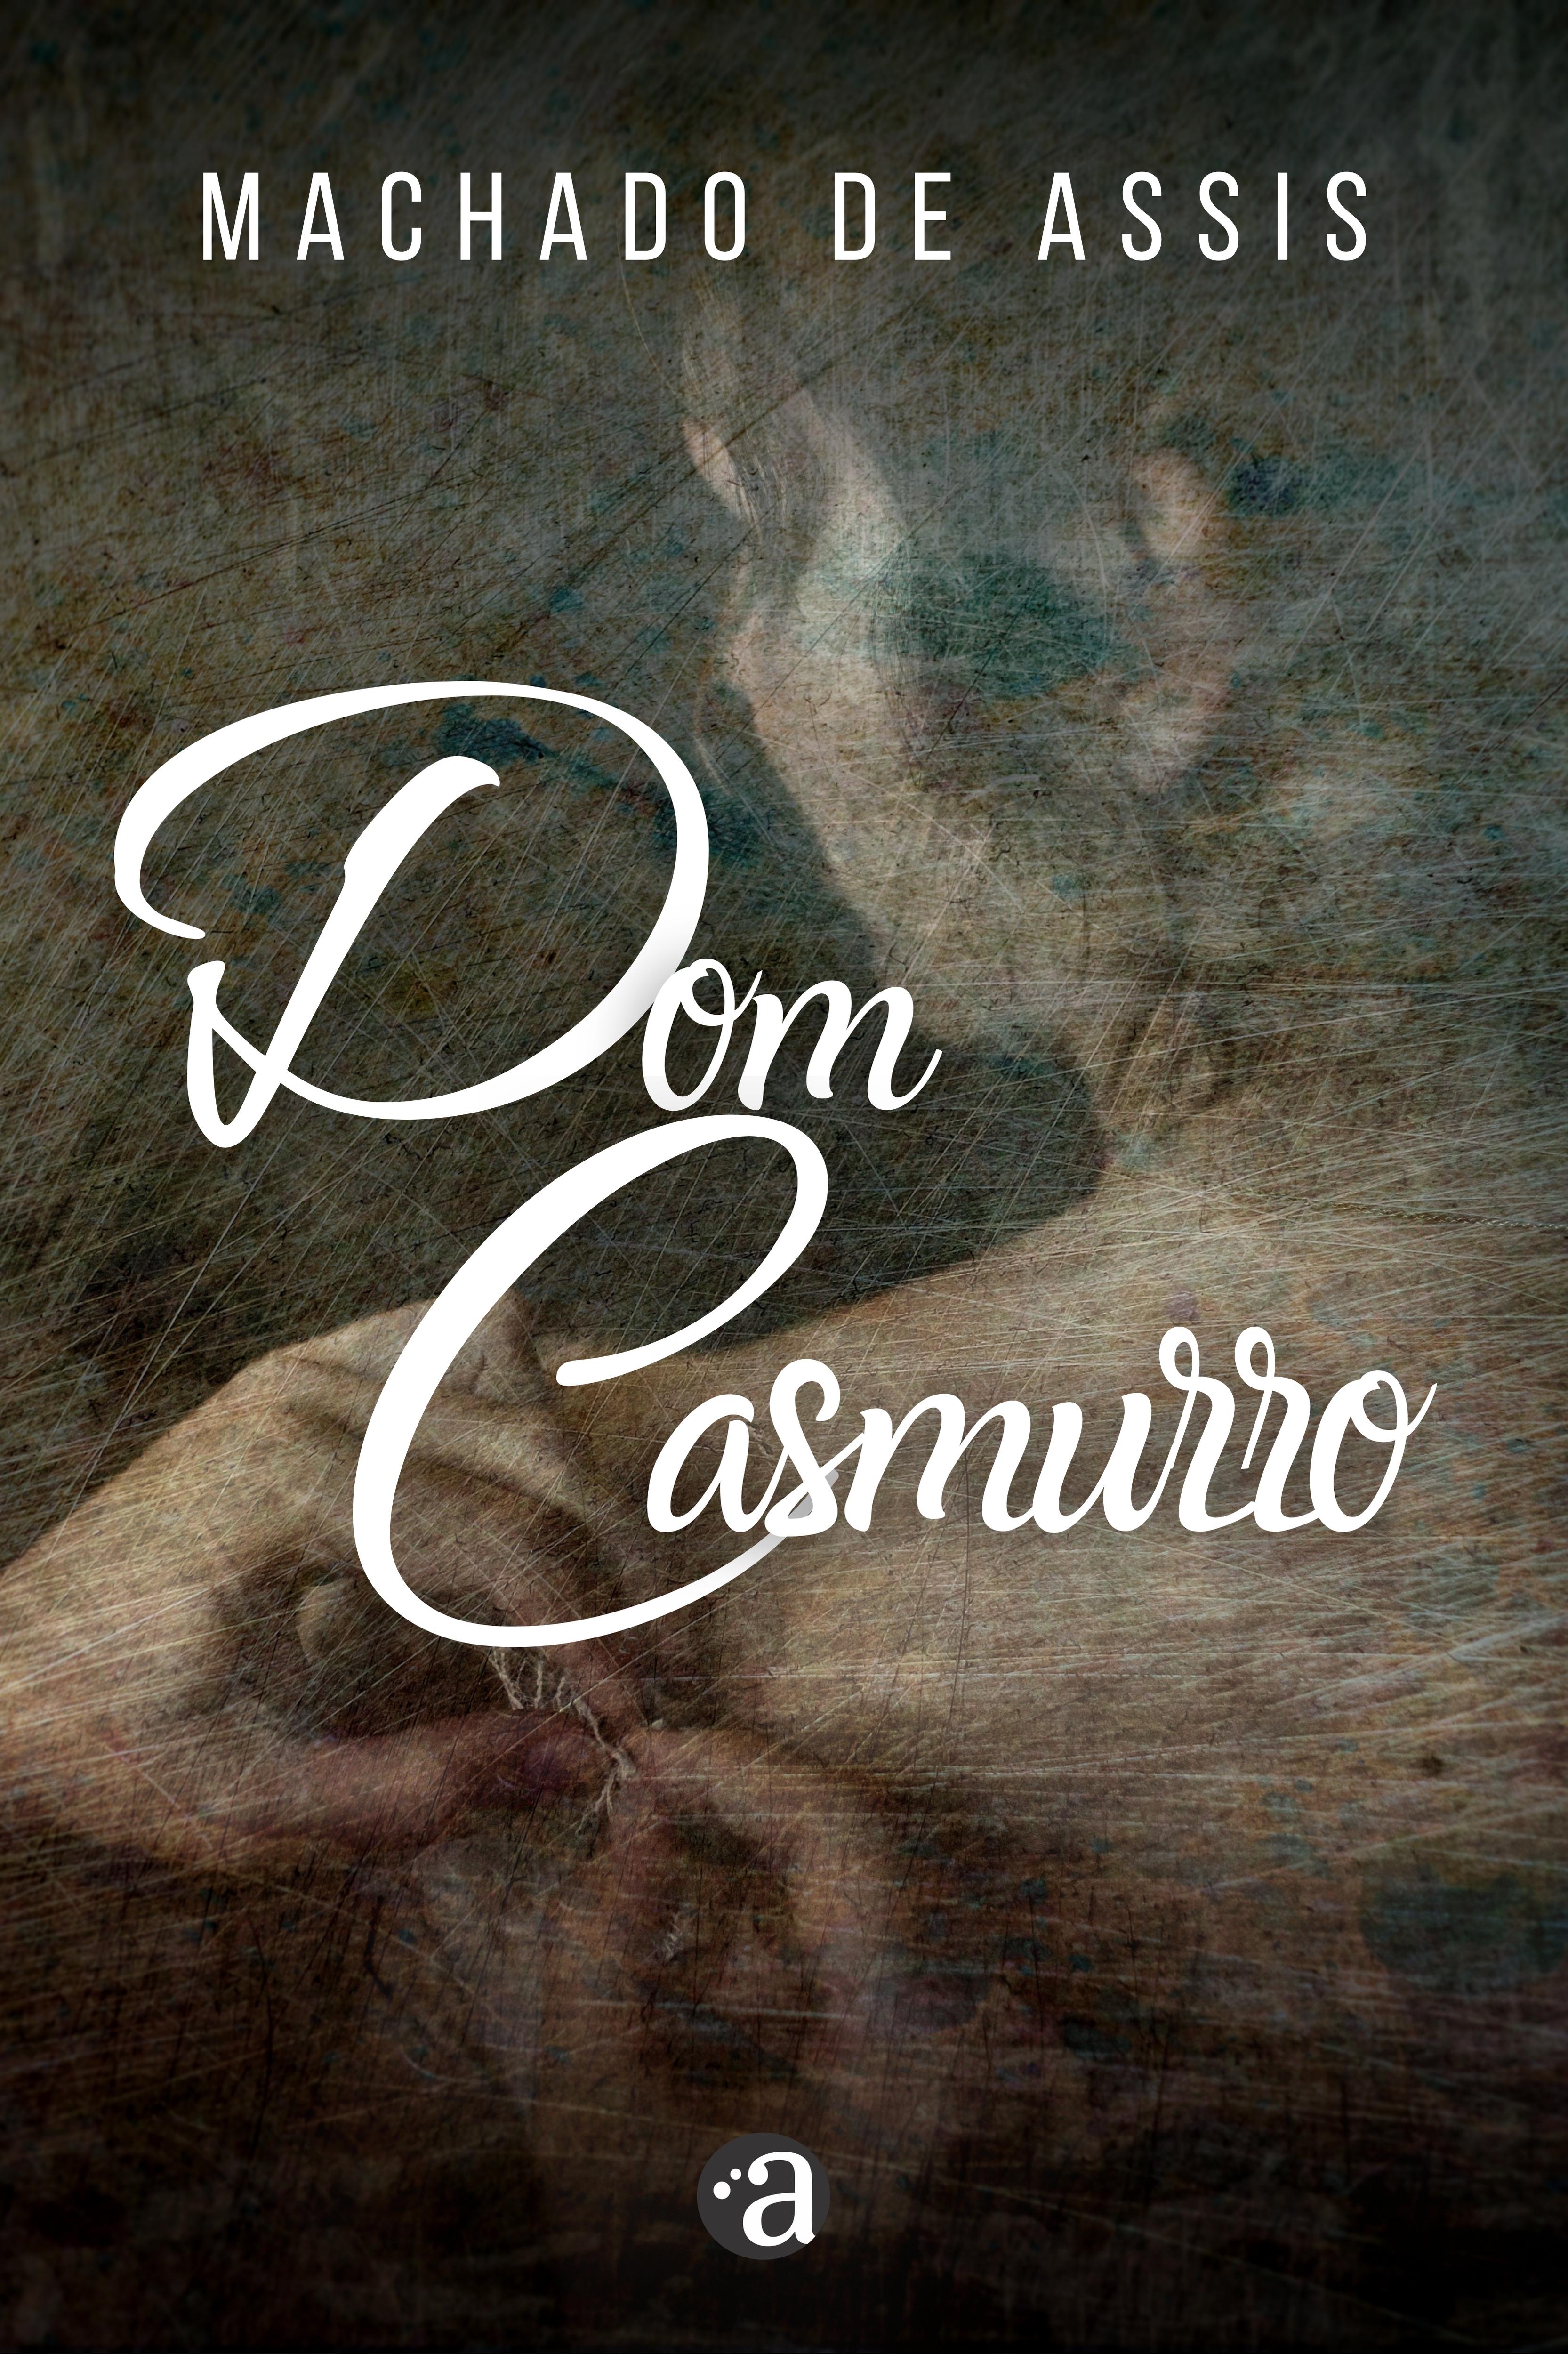 Dom Casmurro - Machado de Assis / Edição Exclusiva